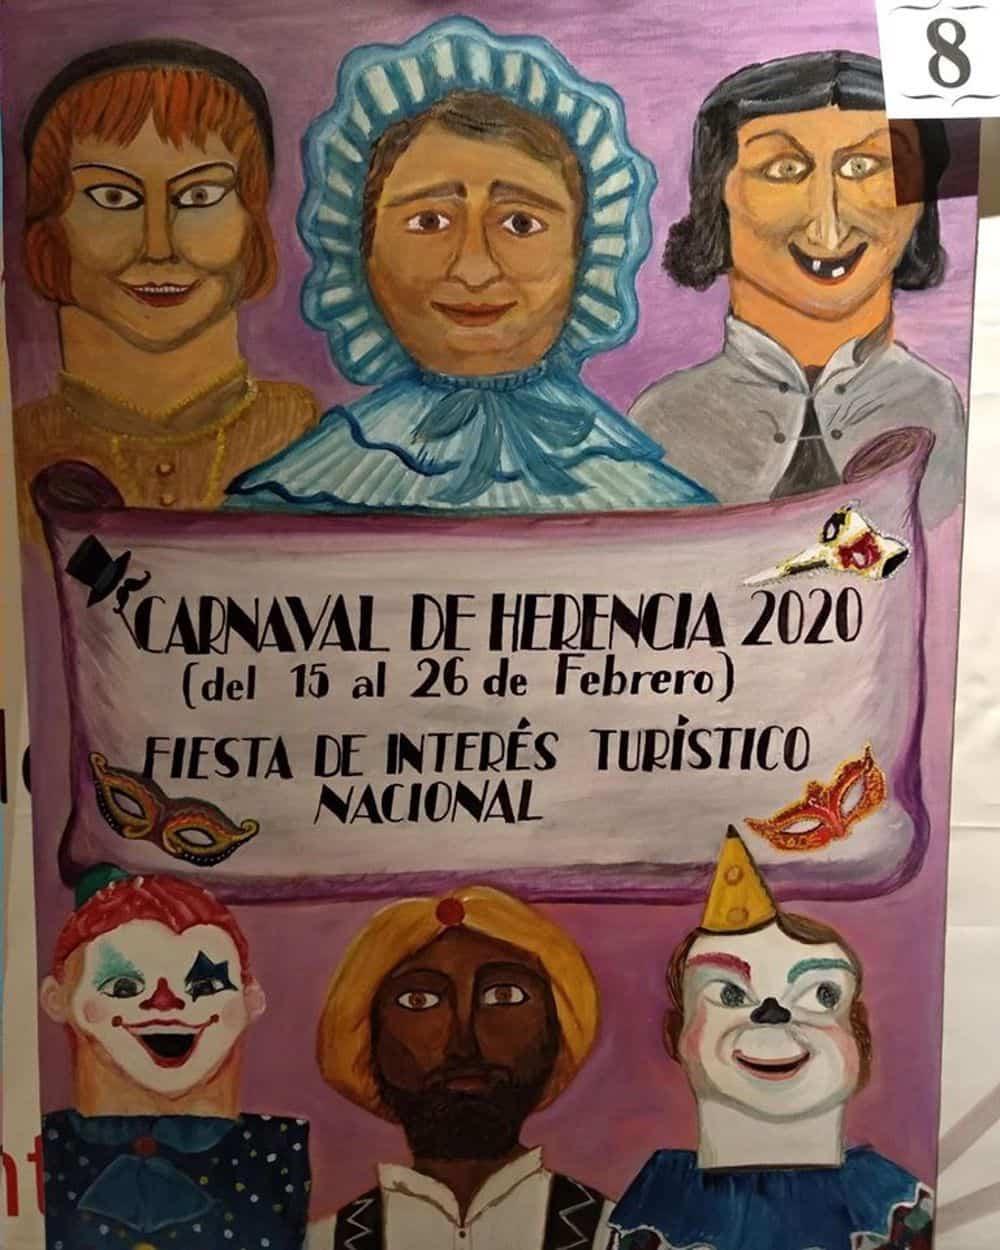 carteles carnaval 2020 herencia 3 - Conoce los carteles de Carnaval de Herencia 2020, ¿cuál te gusta más?